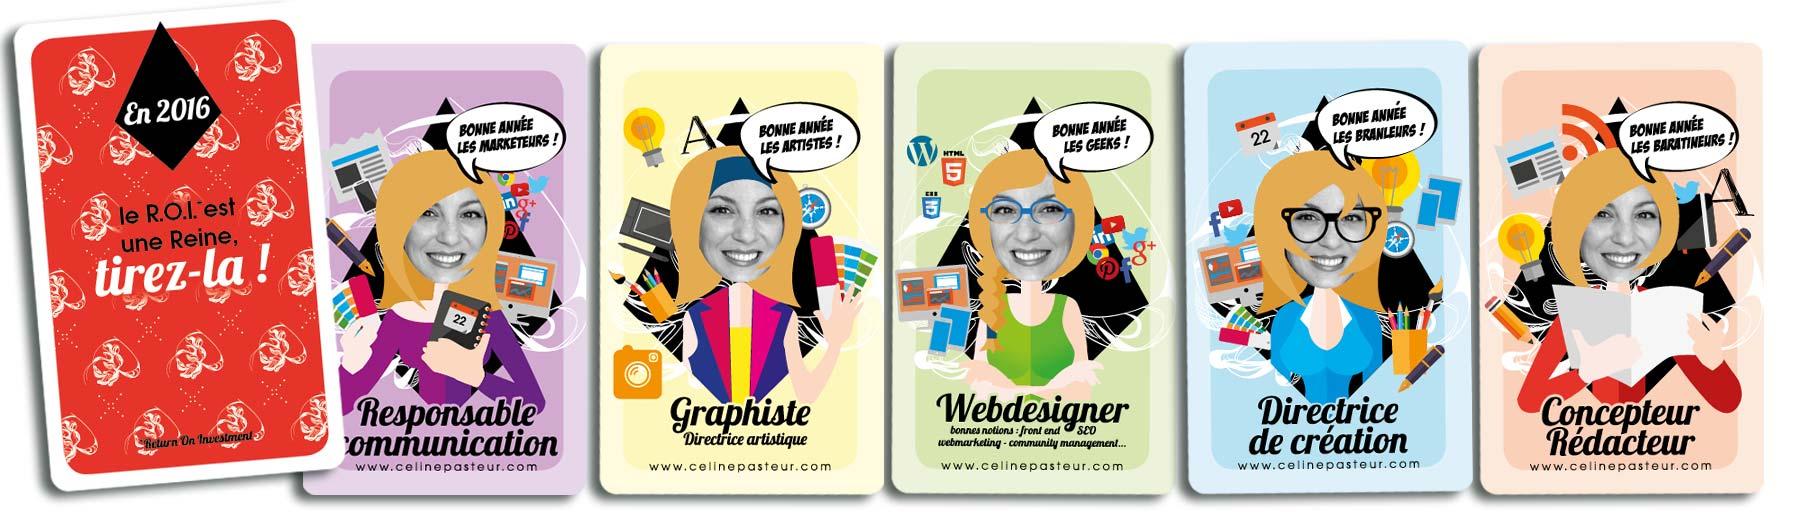 Profil polyvalent - métiers communication - graphiste Savoie